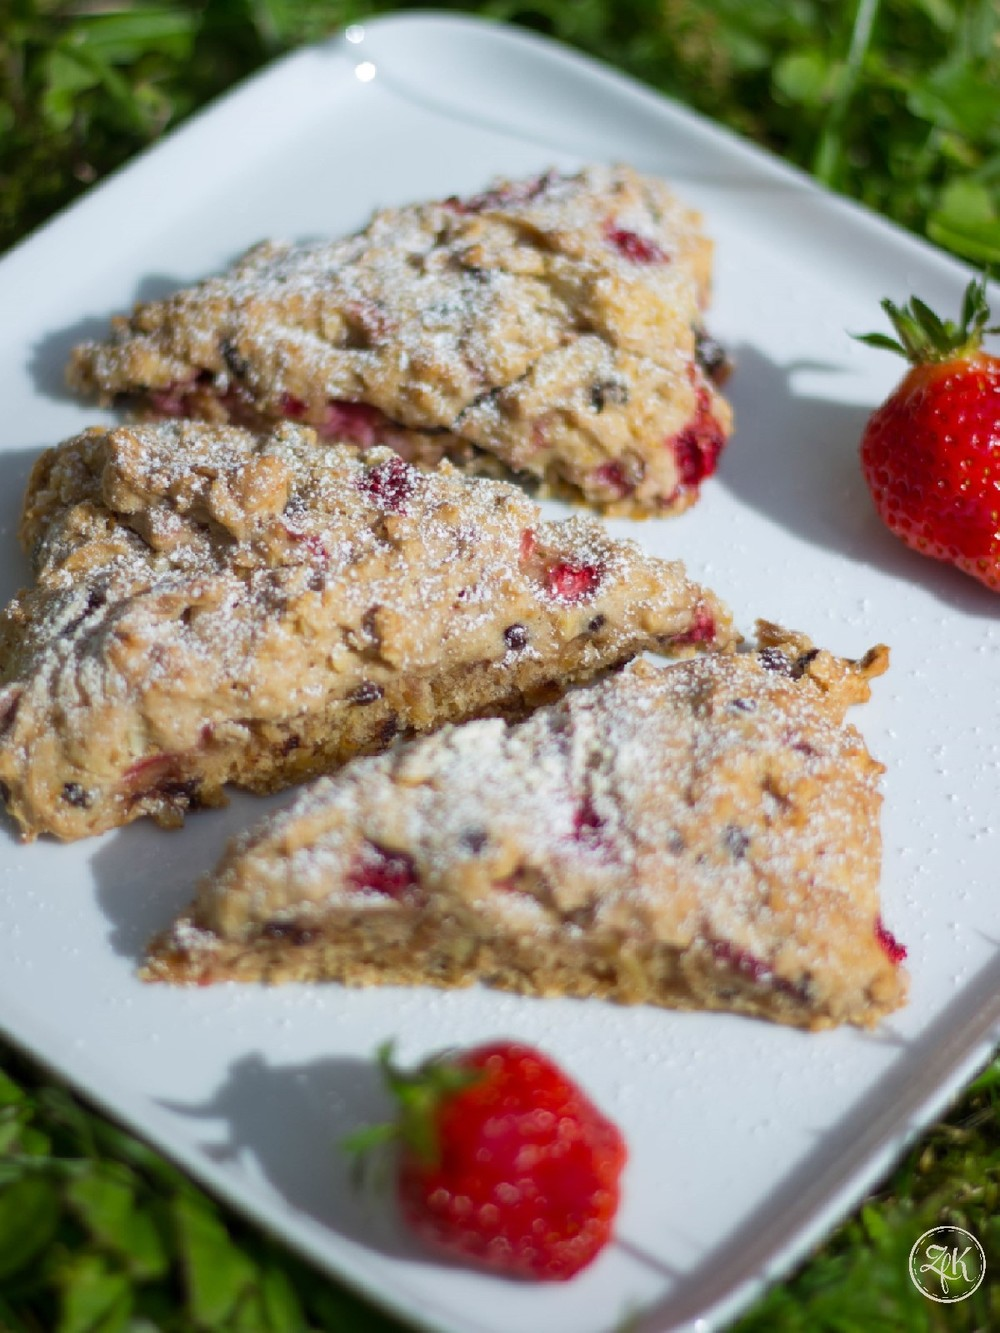 Biscuits, dieses Mal mit Erdbeeren, Schokolade und Mandeln